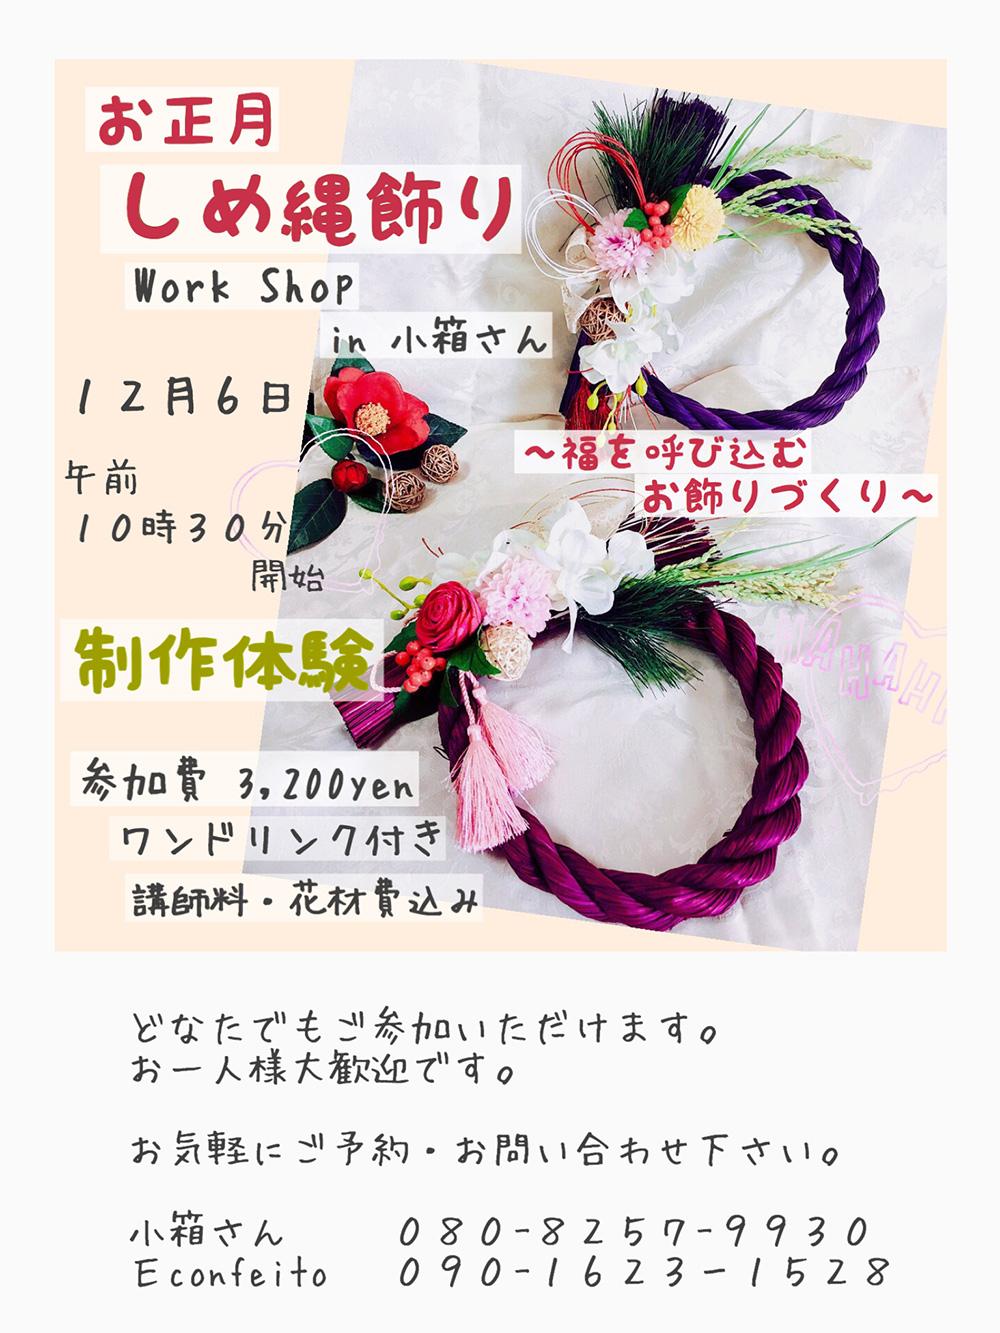 プリザーブドフラワー制作体験-お正月しめ縄飾り-のお知らせ